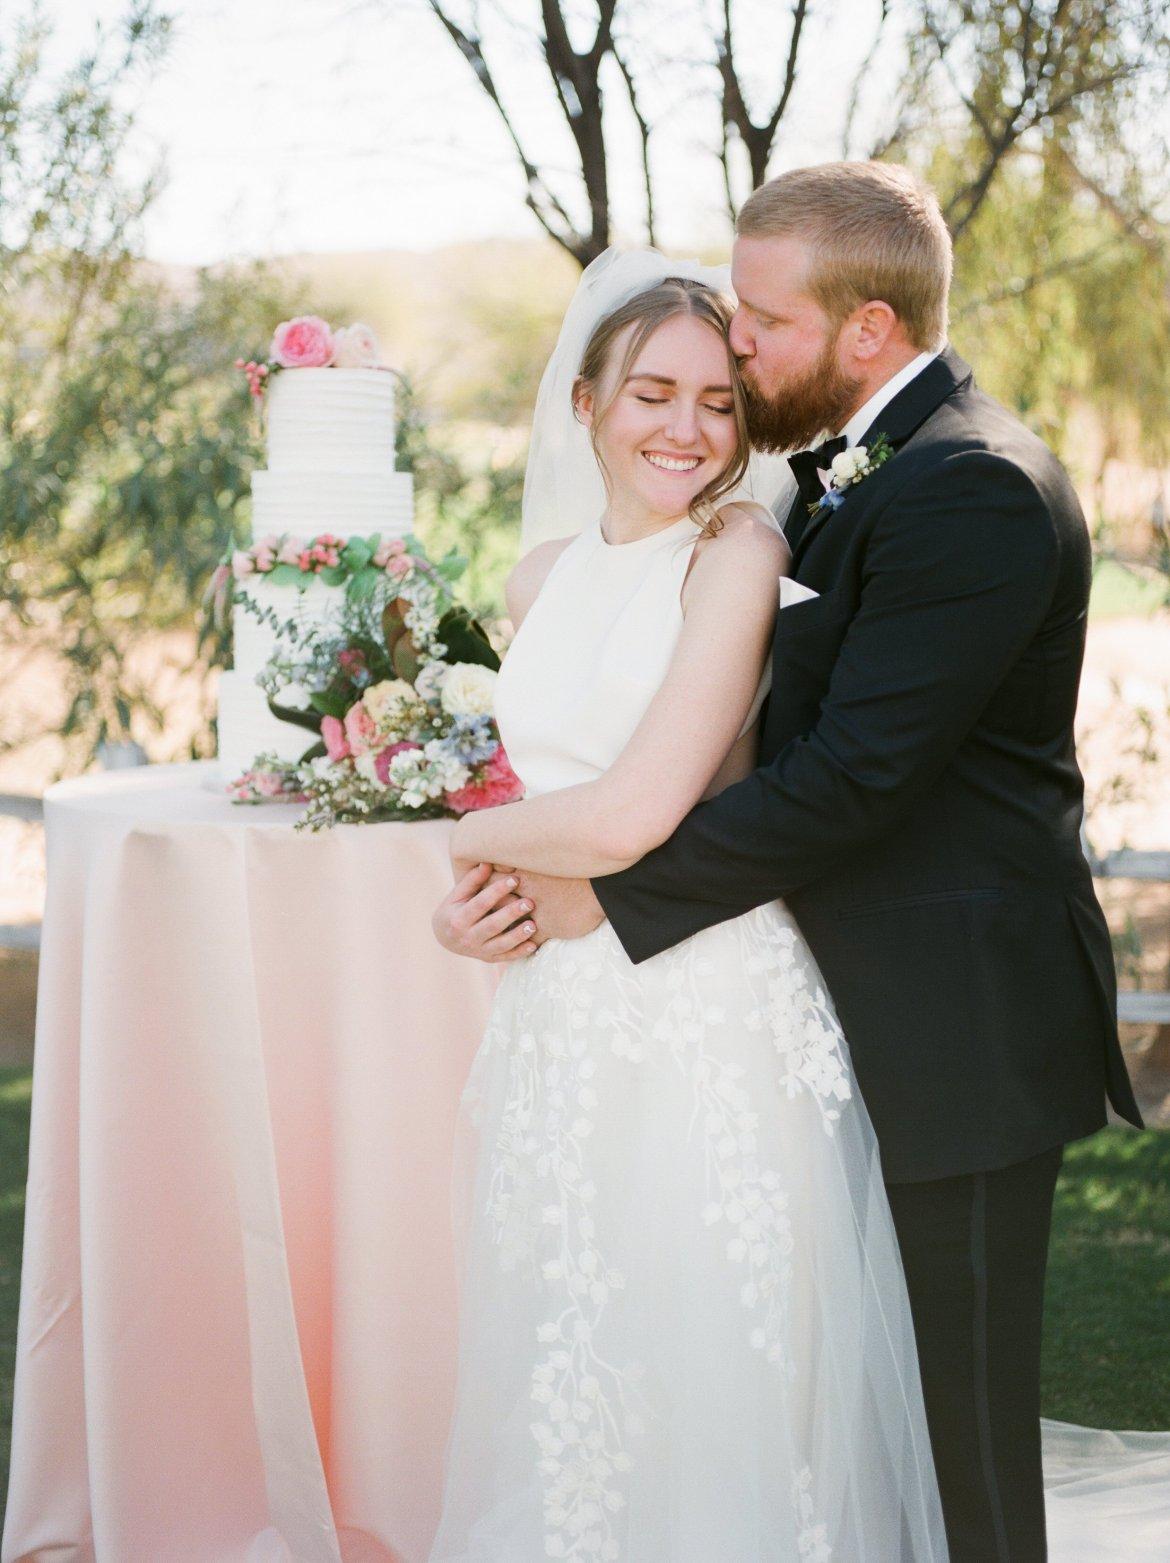 Dreamy Garden Wedding Inspiration at the Sierra Vista House in Phoenix, AZ | The Bridechilla Blog | Photo by Sara Bishop Photography